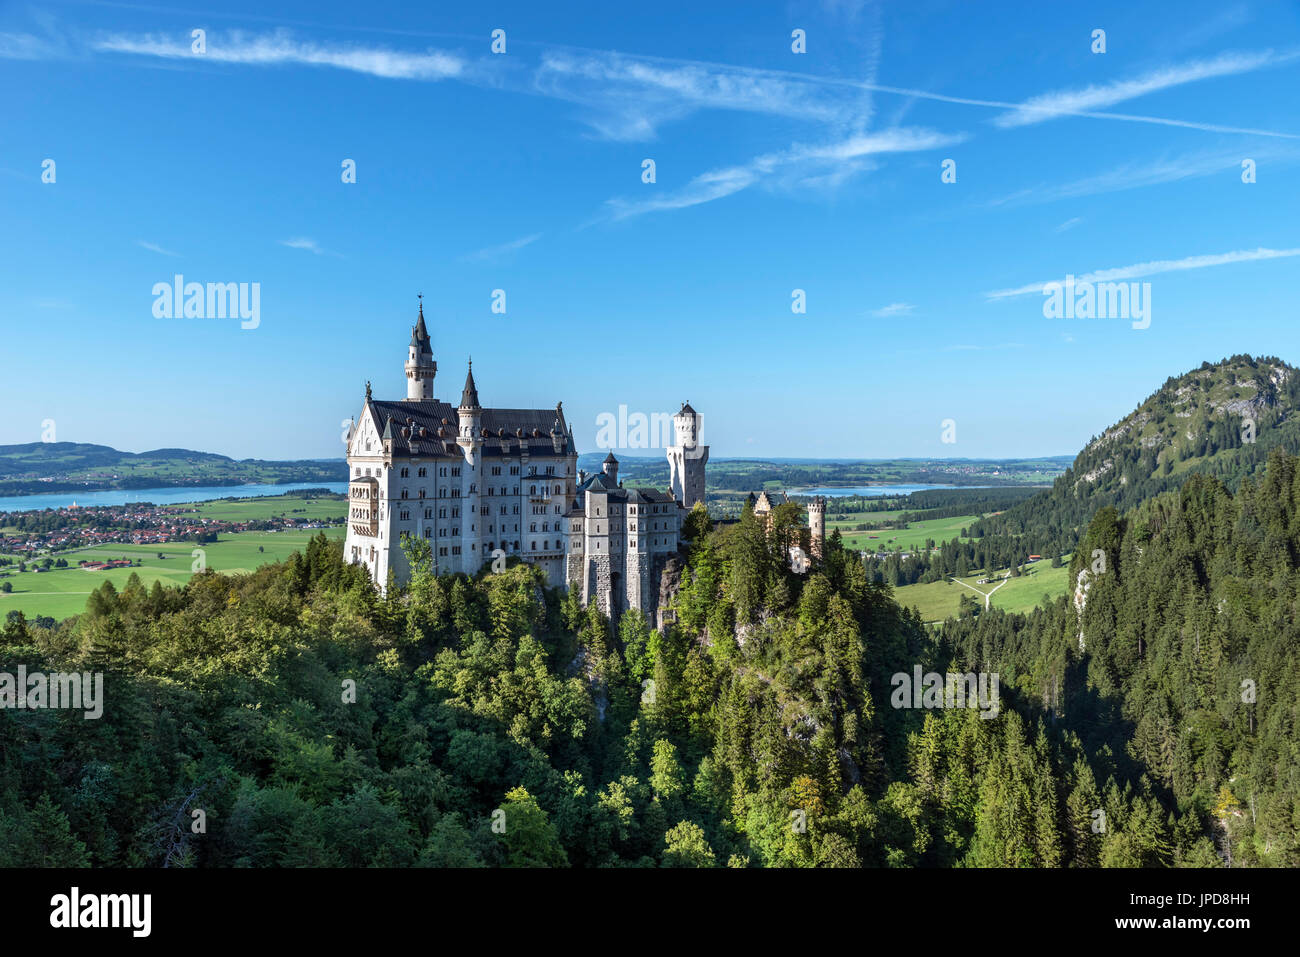 Schloss Neuschwanstein (Schloss Neuschwanstein), die märchenhaften Palast, erbaut von König Ludwig II. von Bayern, Hohenschwangau, Deutschland Stockbild